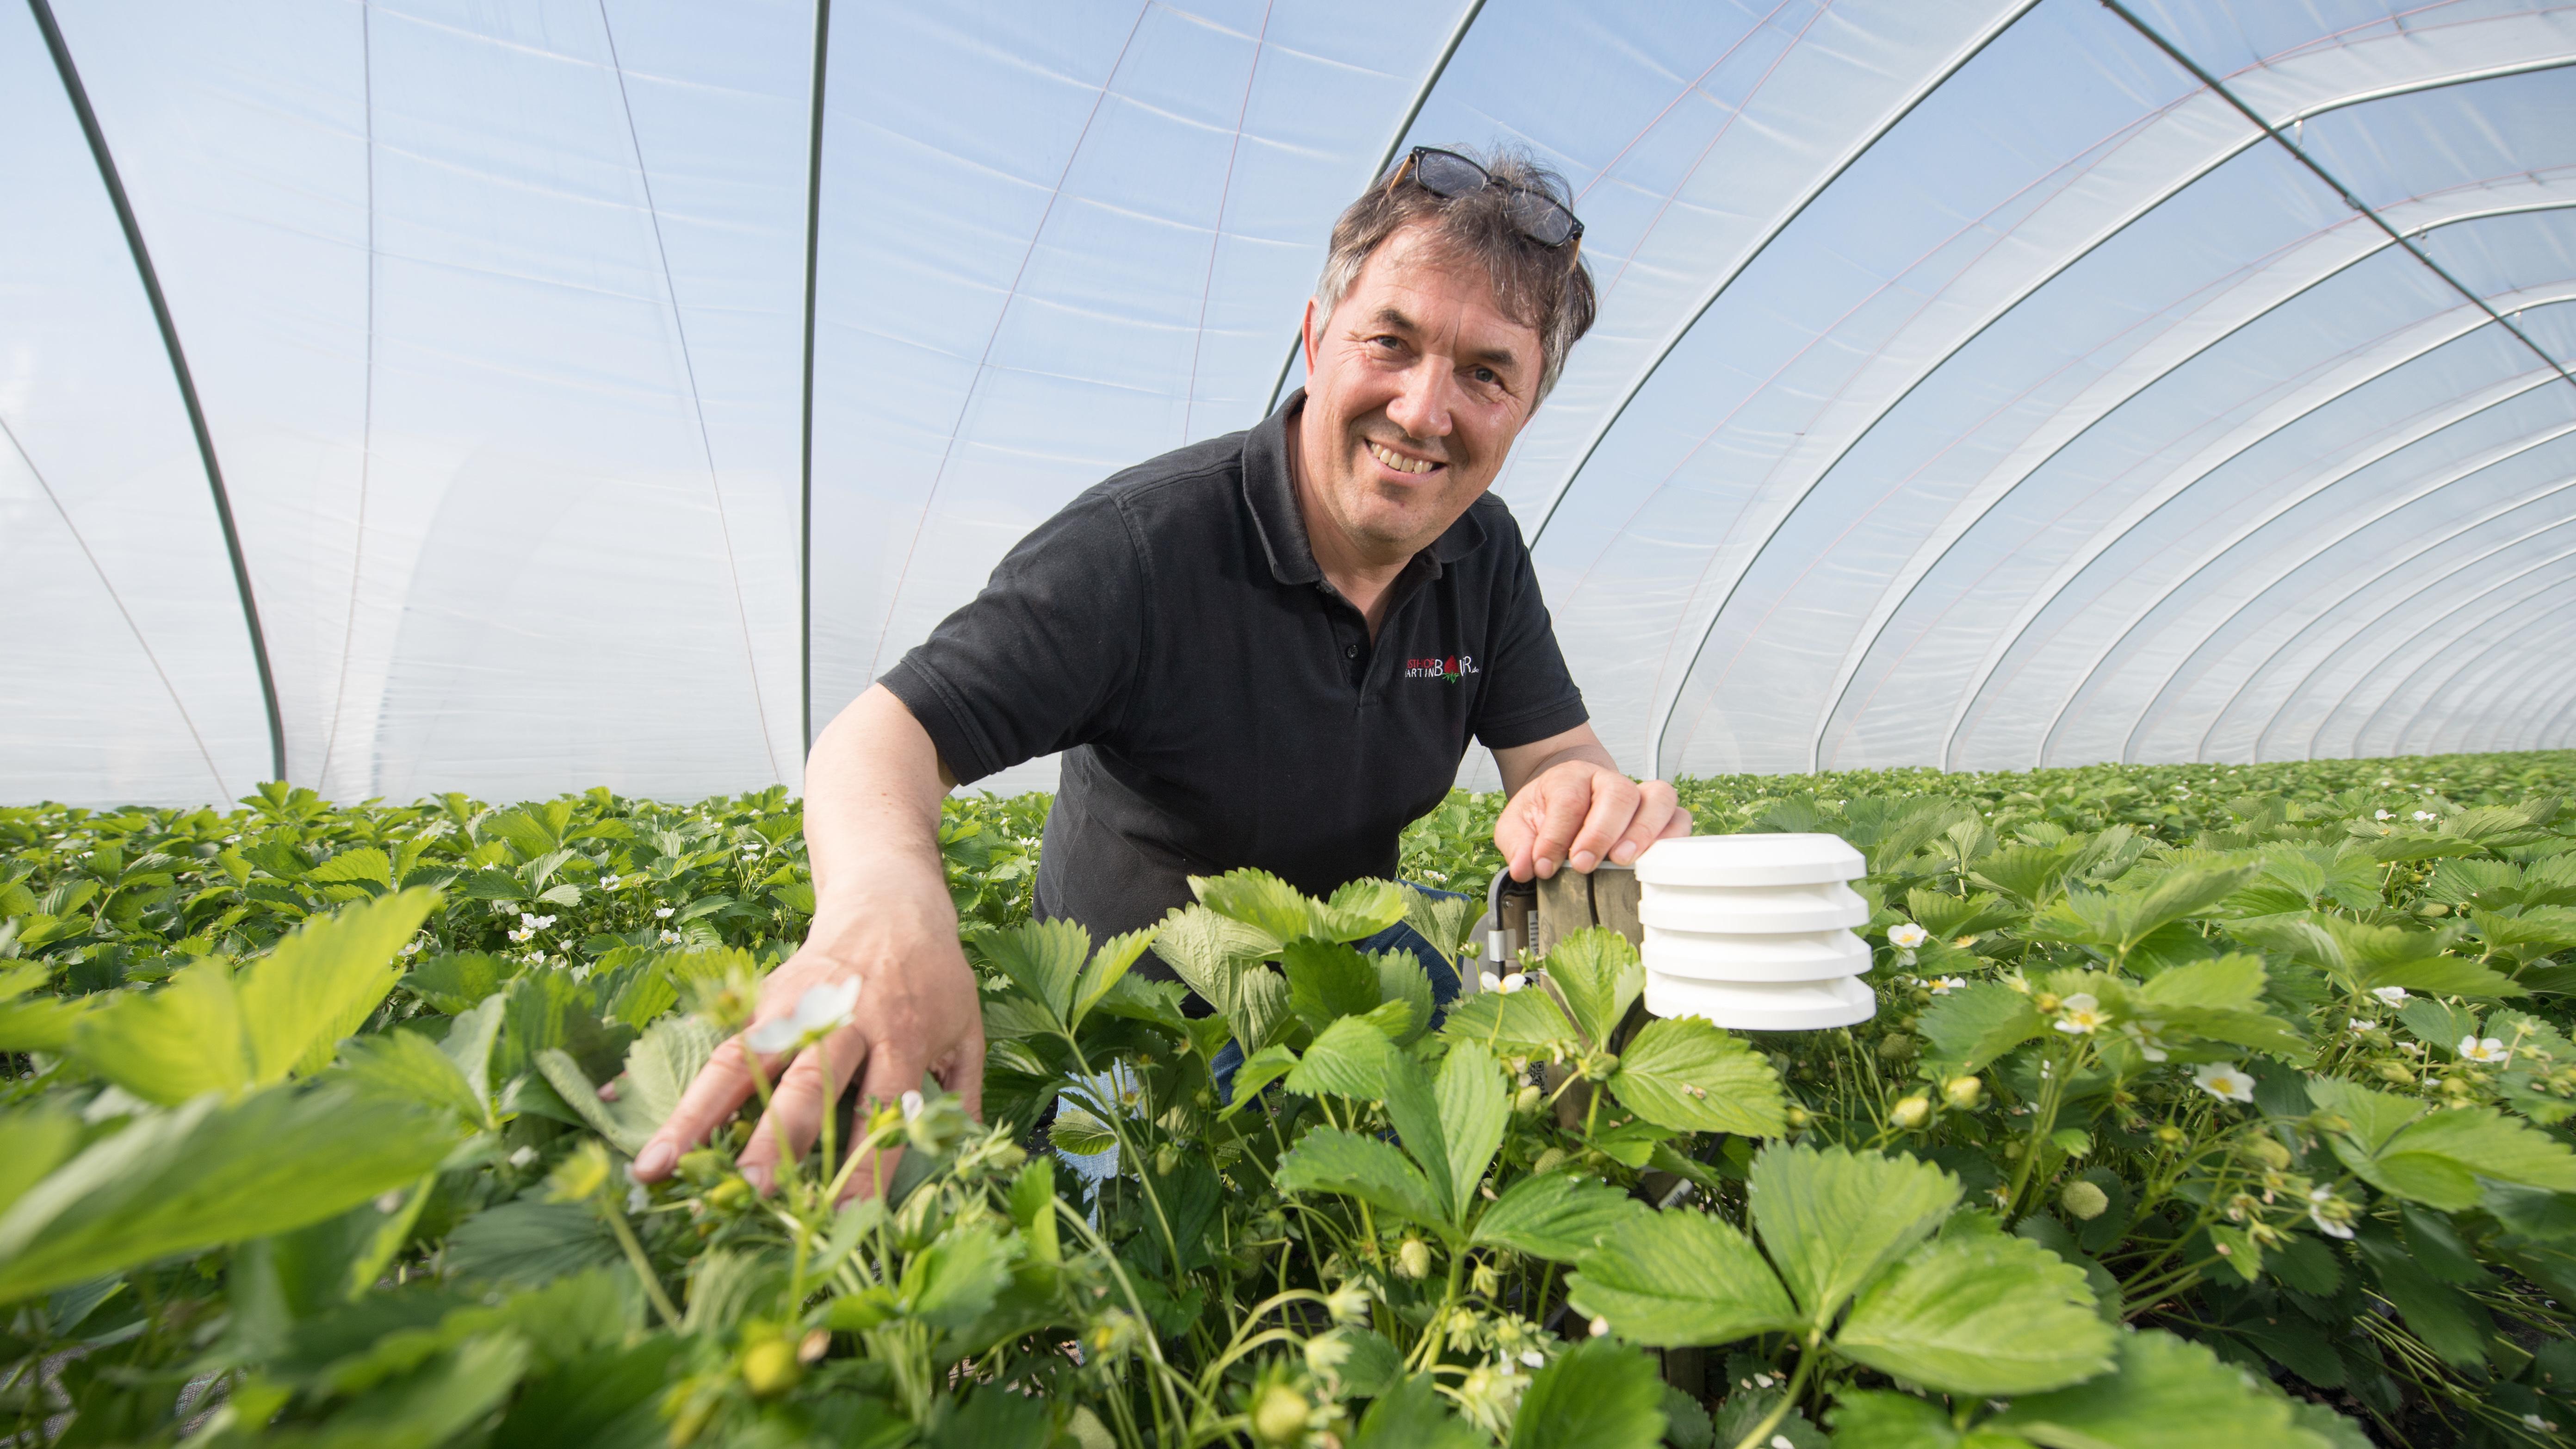 Der Landwirt Martin Bauer hat sechs seiner Felder mit dem Sensor-Sytem bestückt